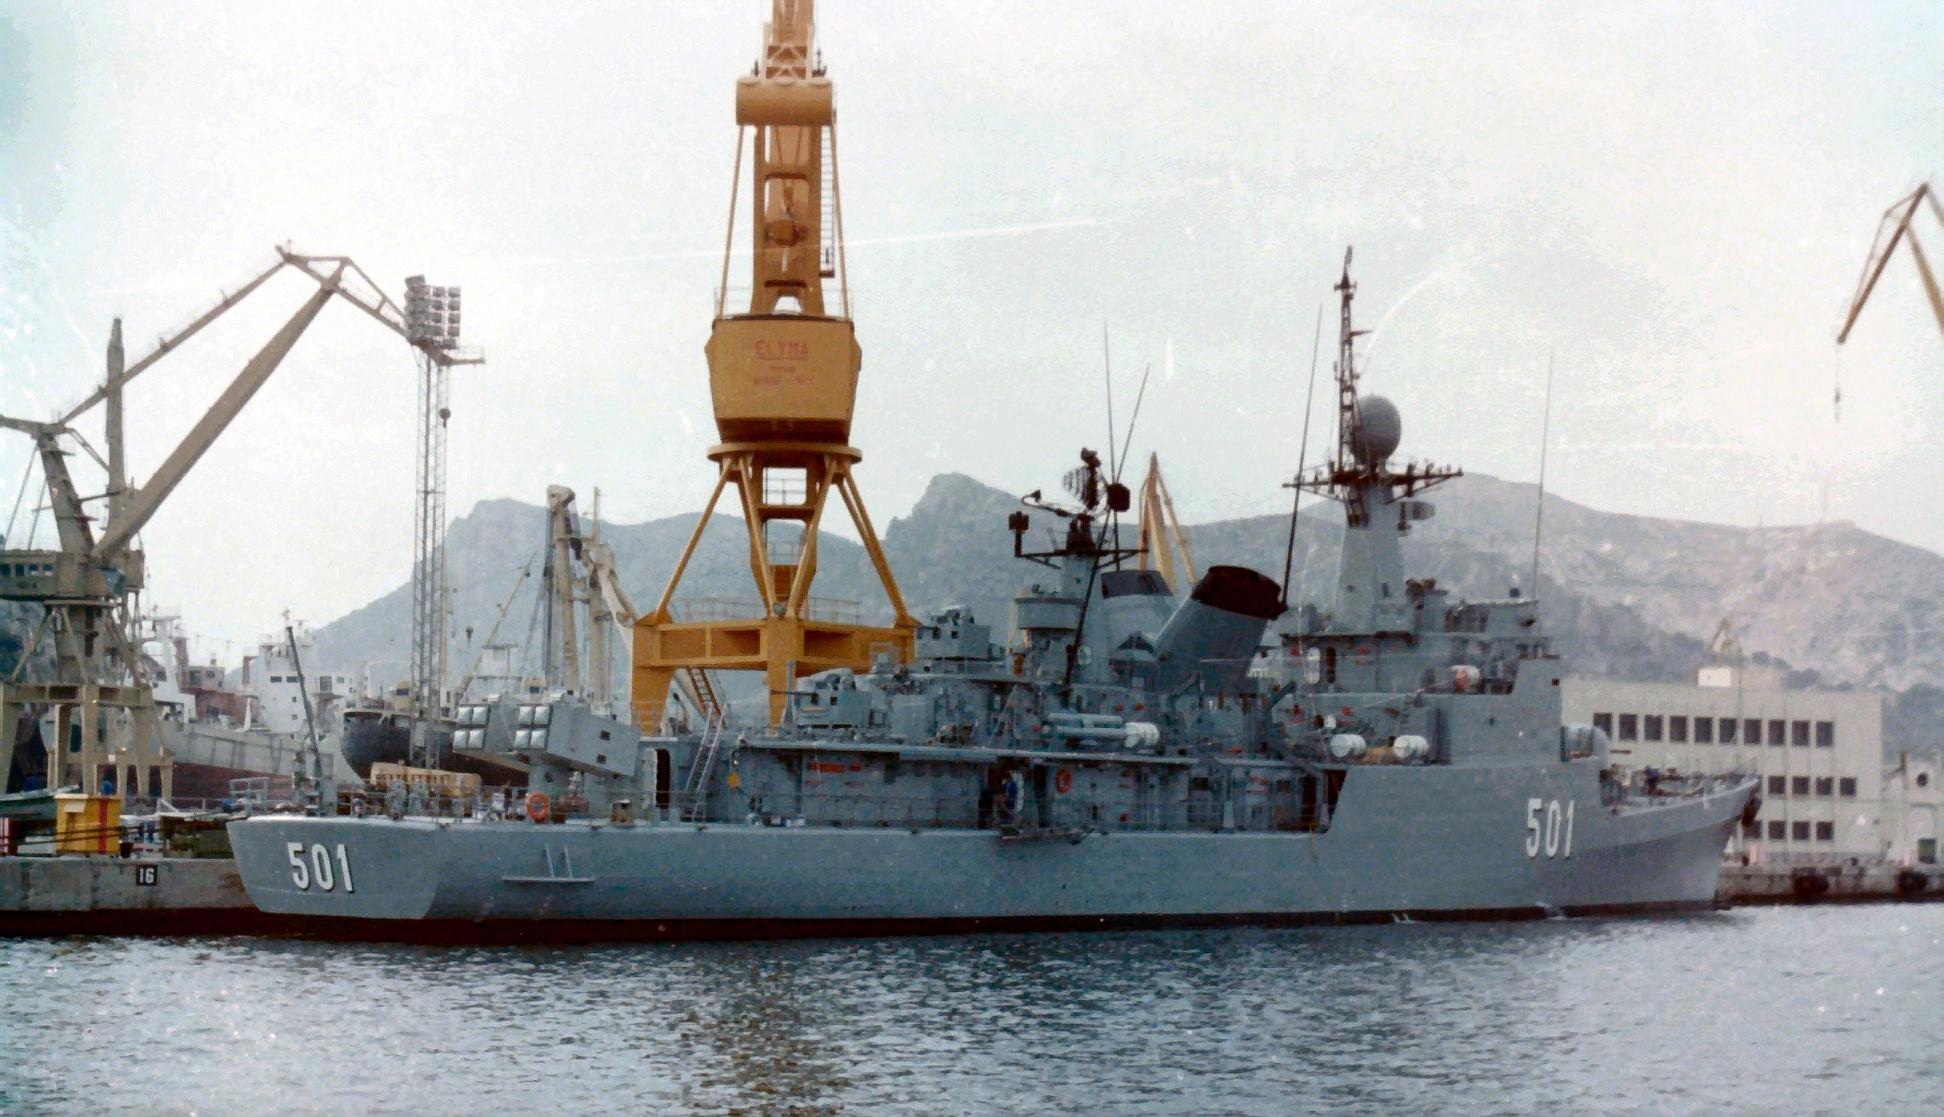 Royal Moroccan Navy Descubierta Frigate / Corvette Lt Cl Errahmani - Bâtiment École - Page 4 Clipb520